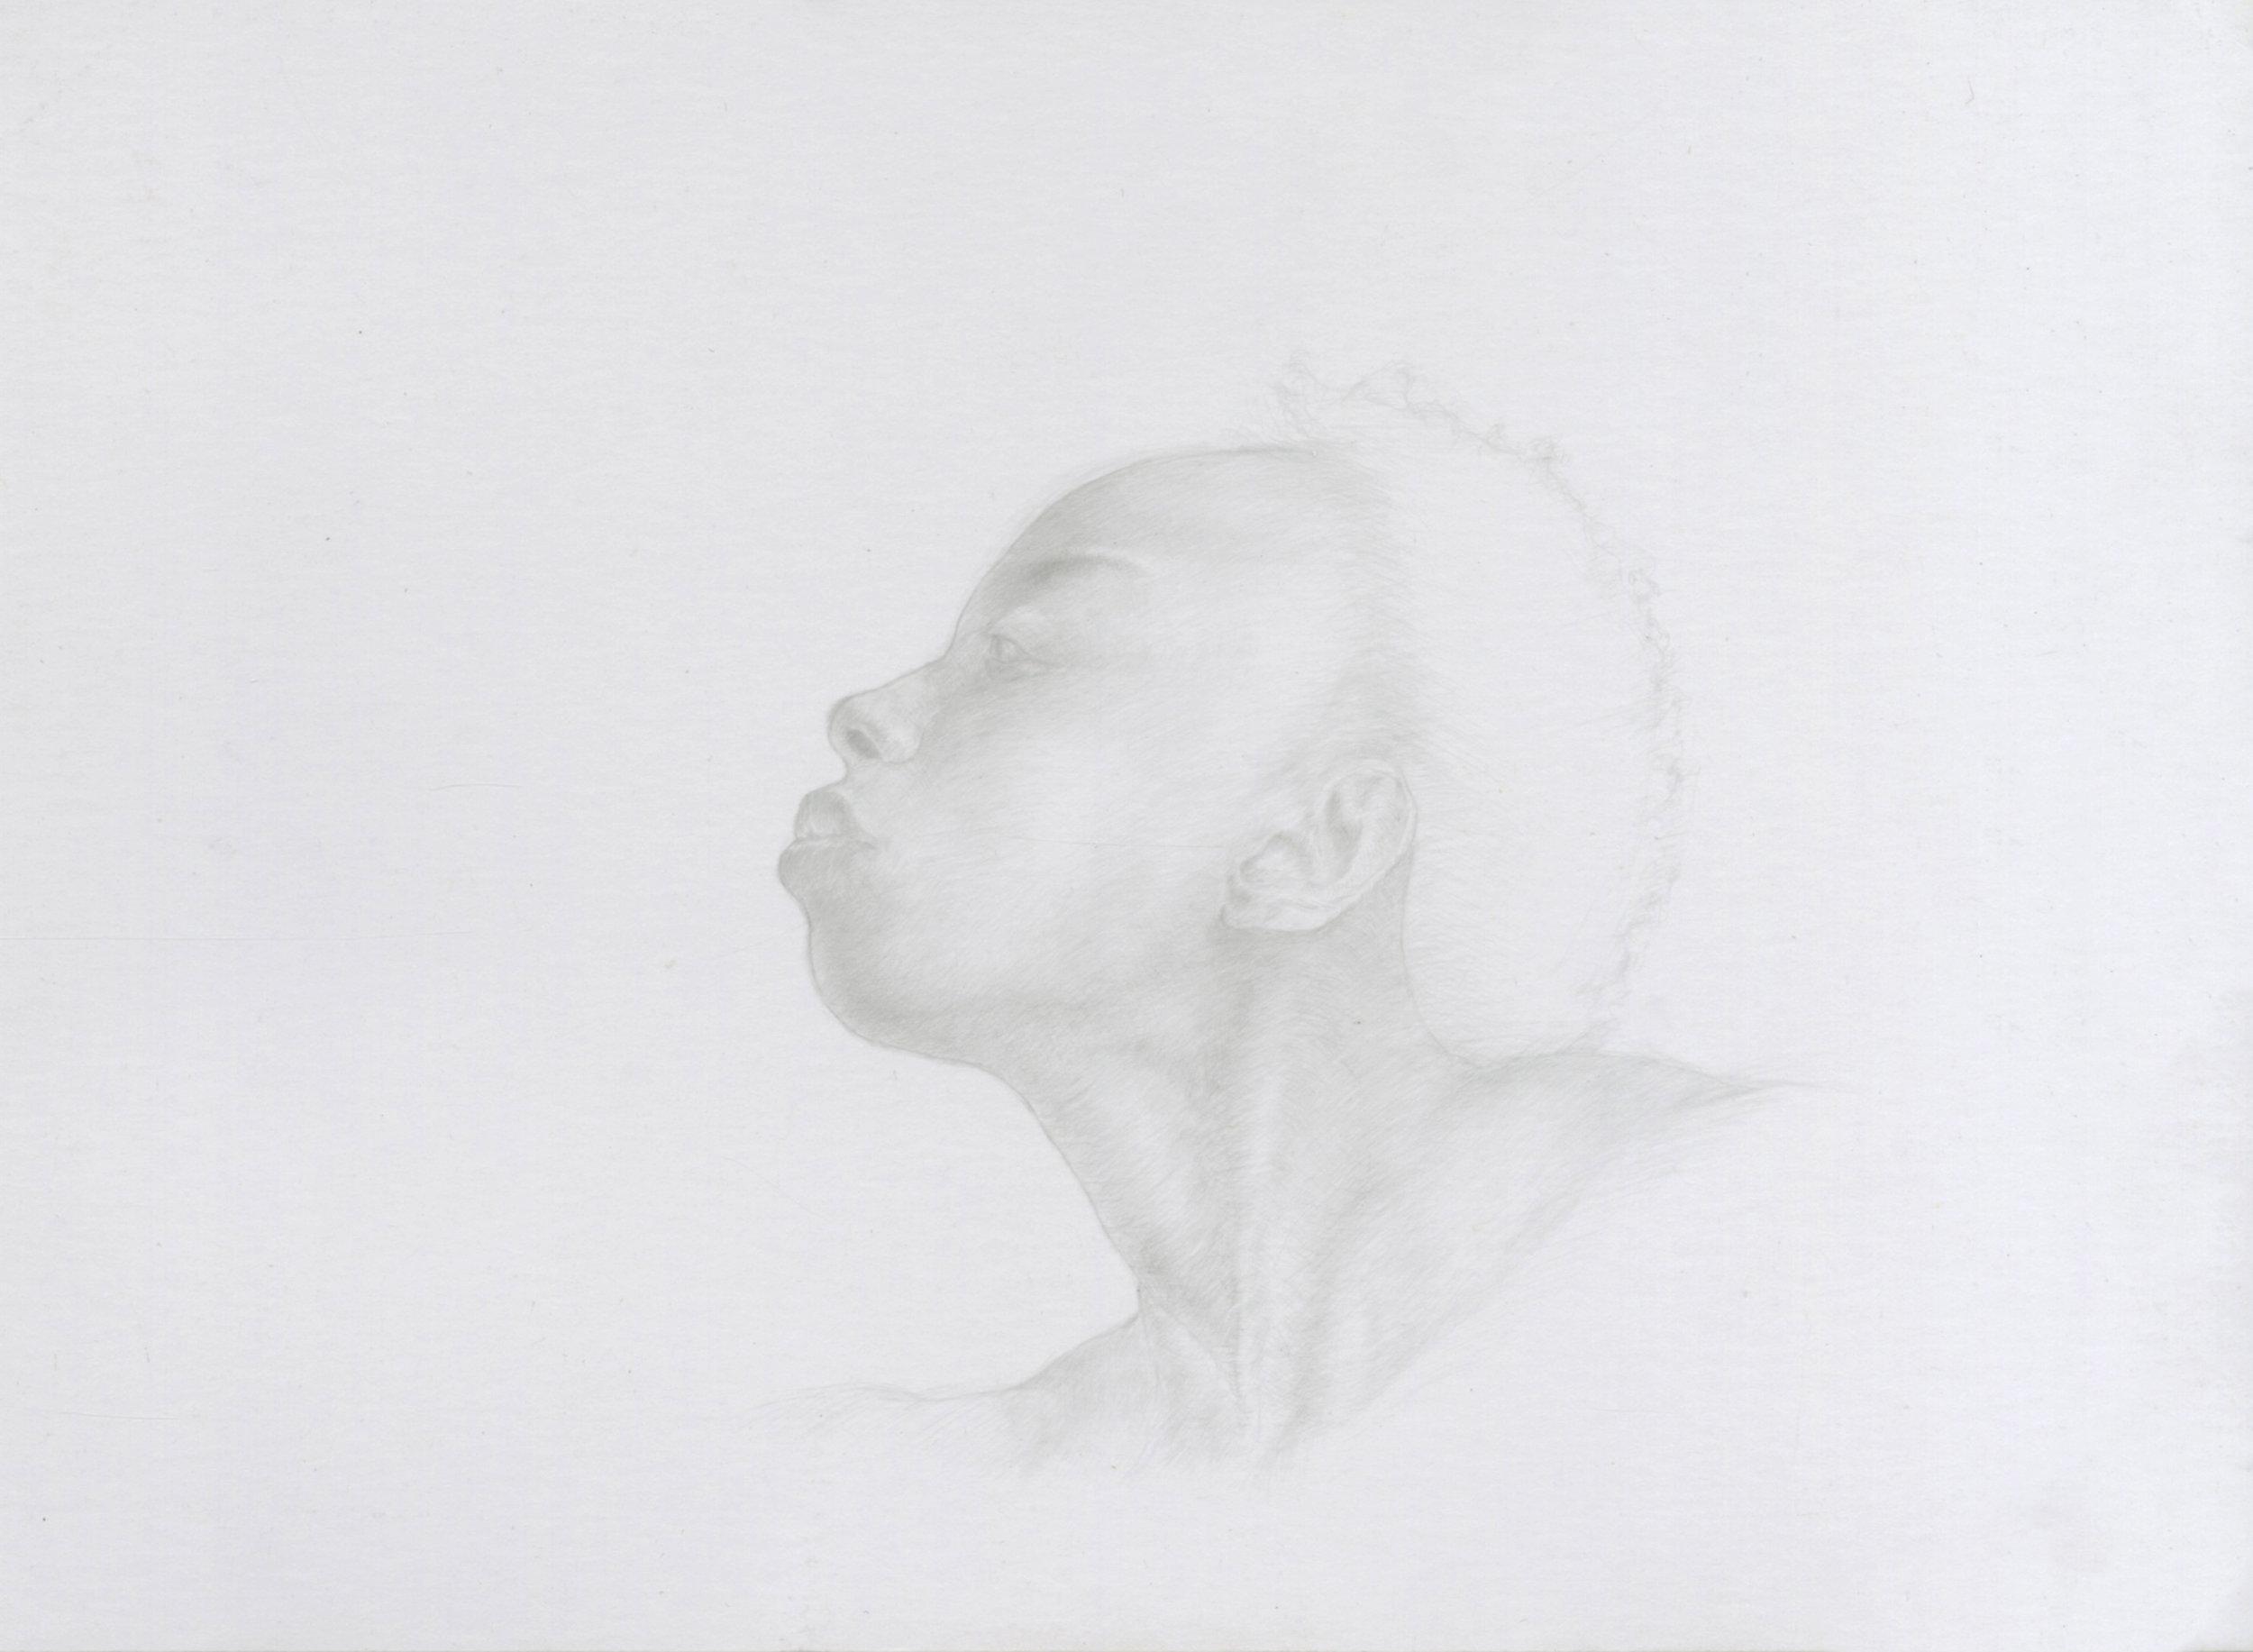 Study of Gaia by Darryl Smith